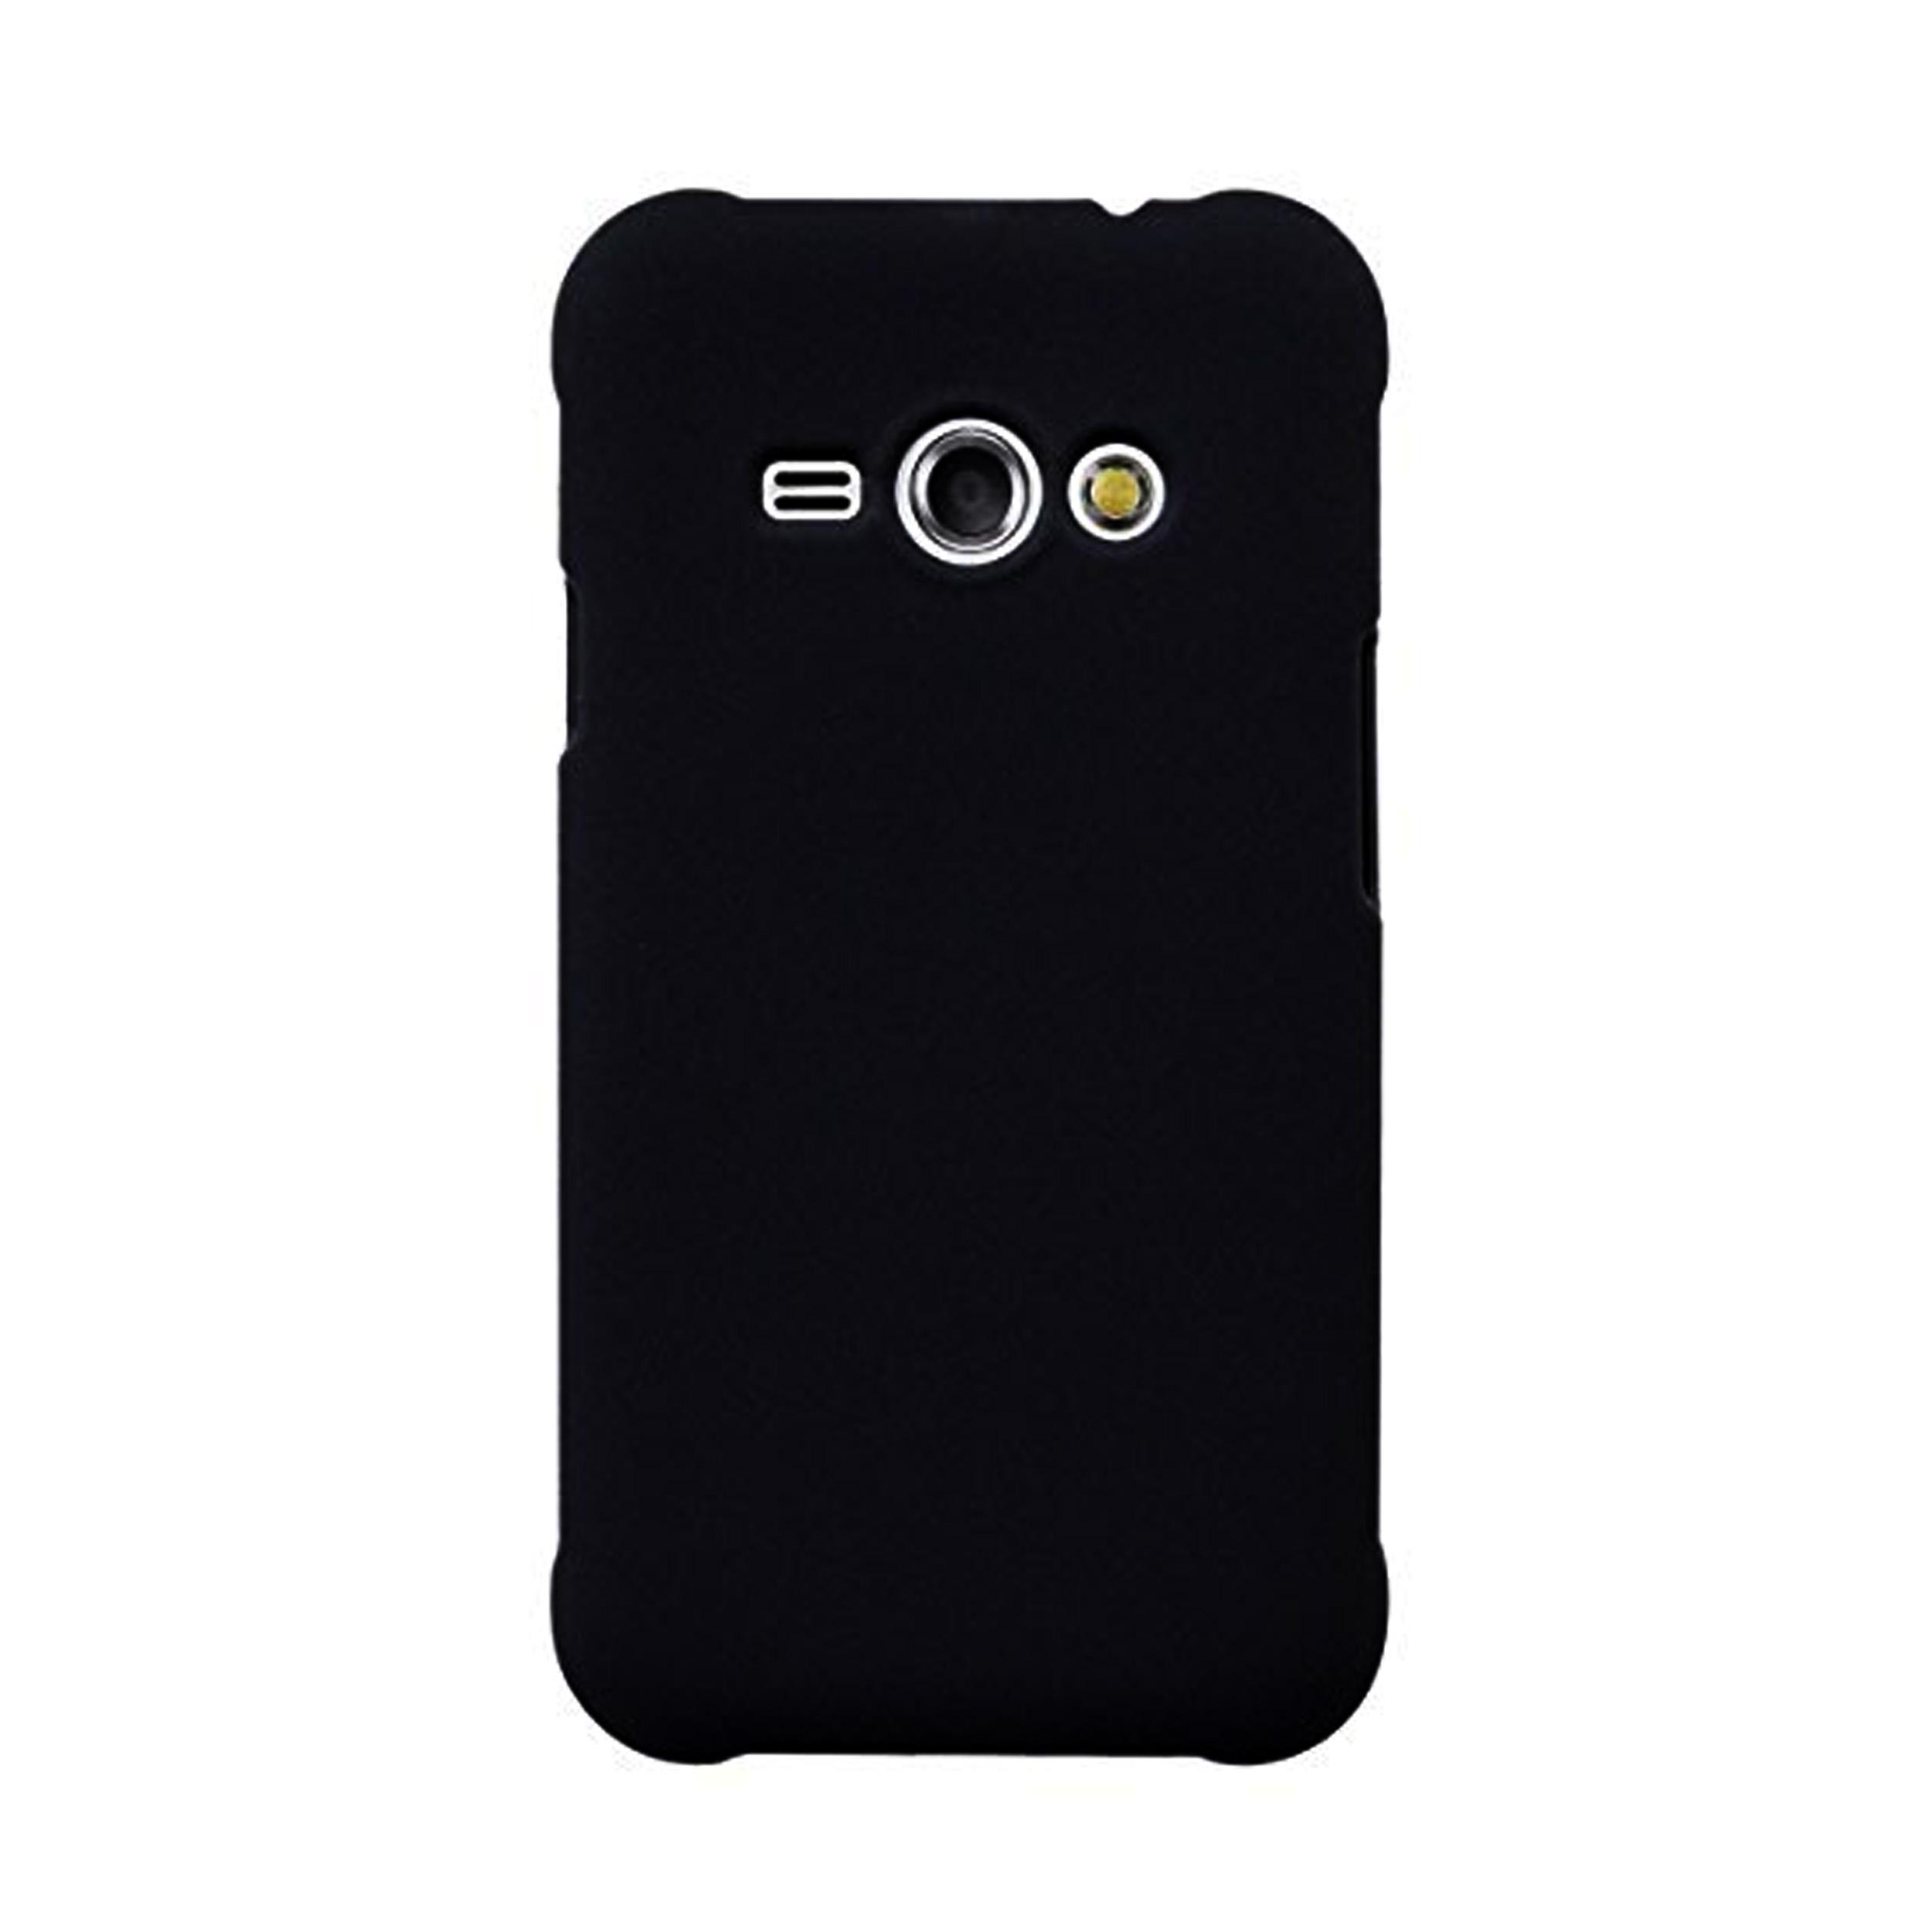 کاور مدل JEL-002 مناسب برای گوشی موبایل سامسونگ Galaxy J1 Ace              ( قیمت و خرید)